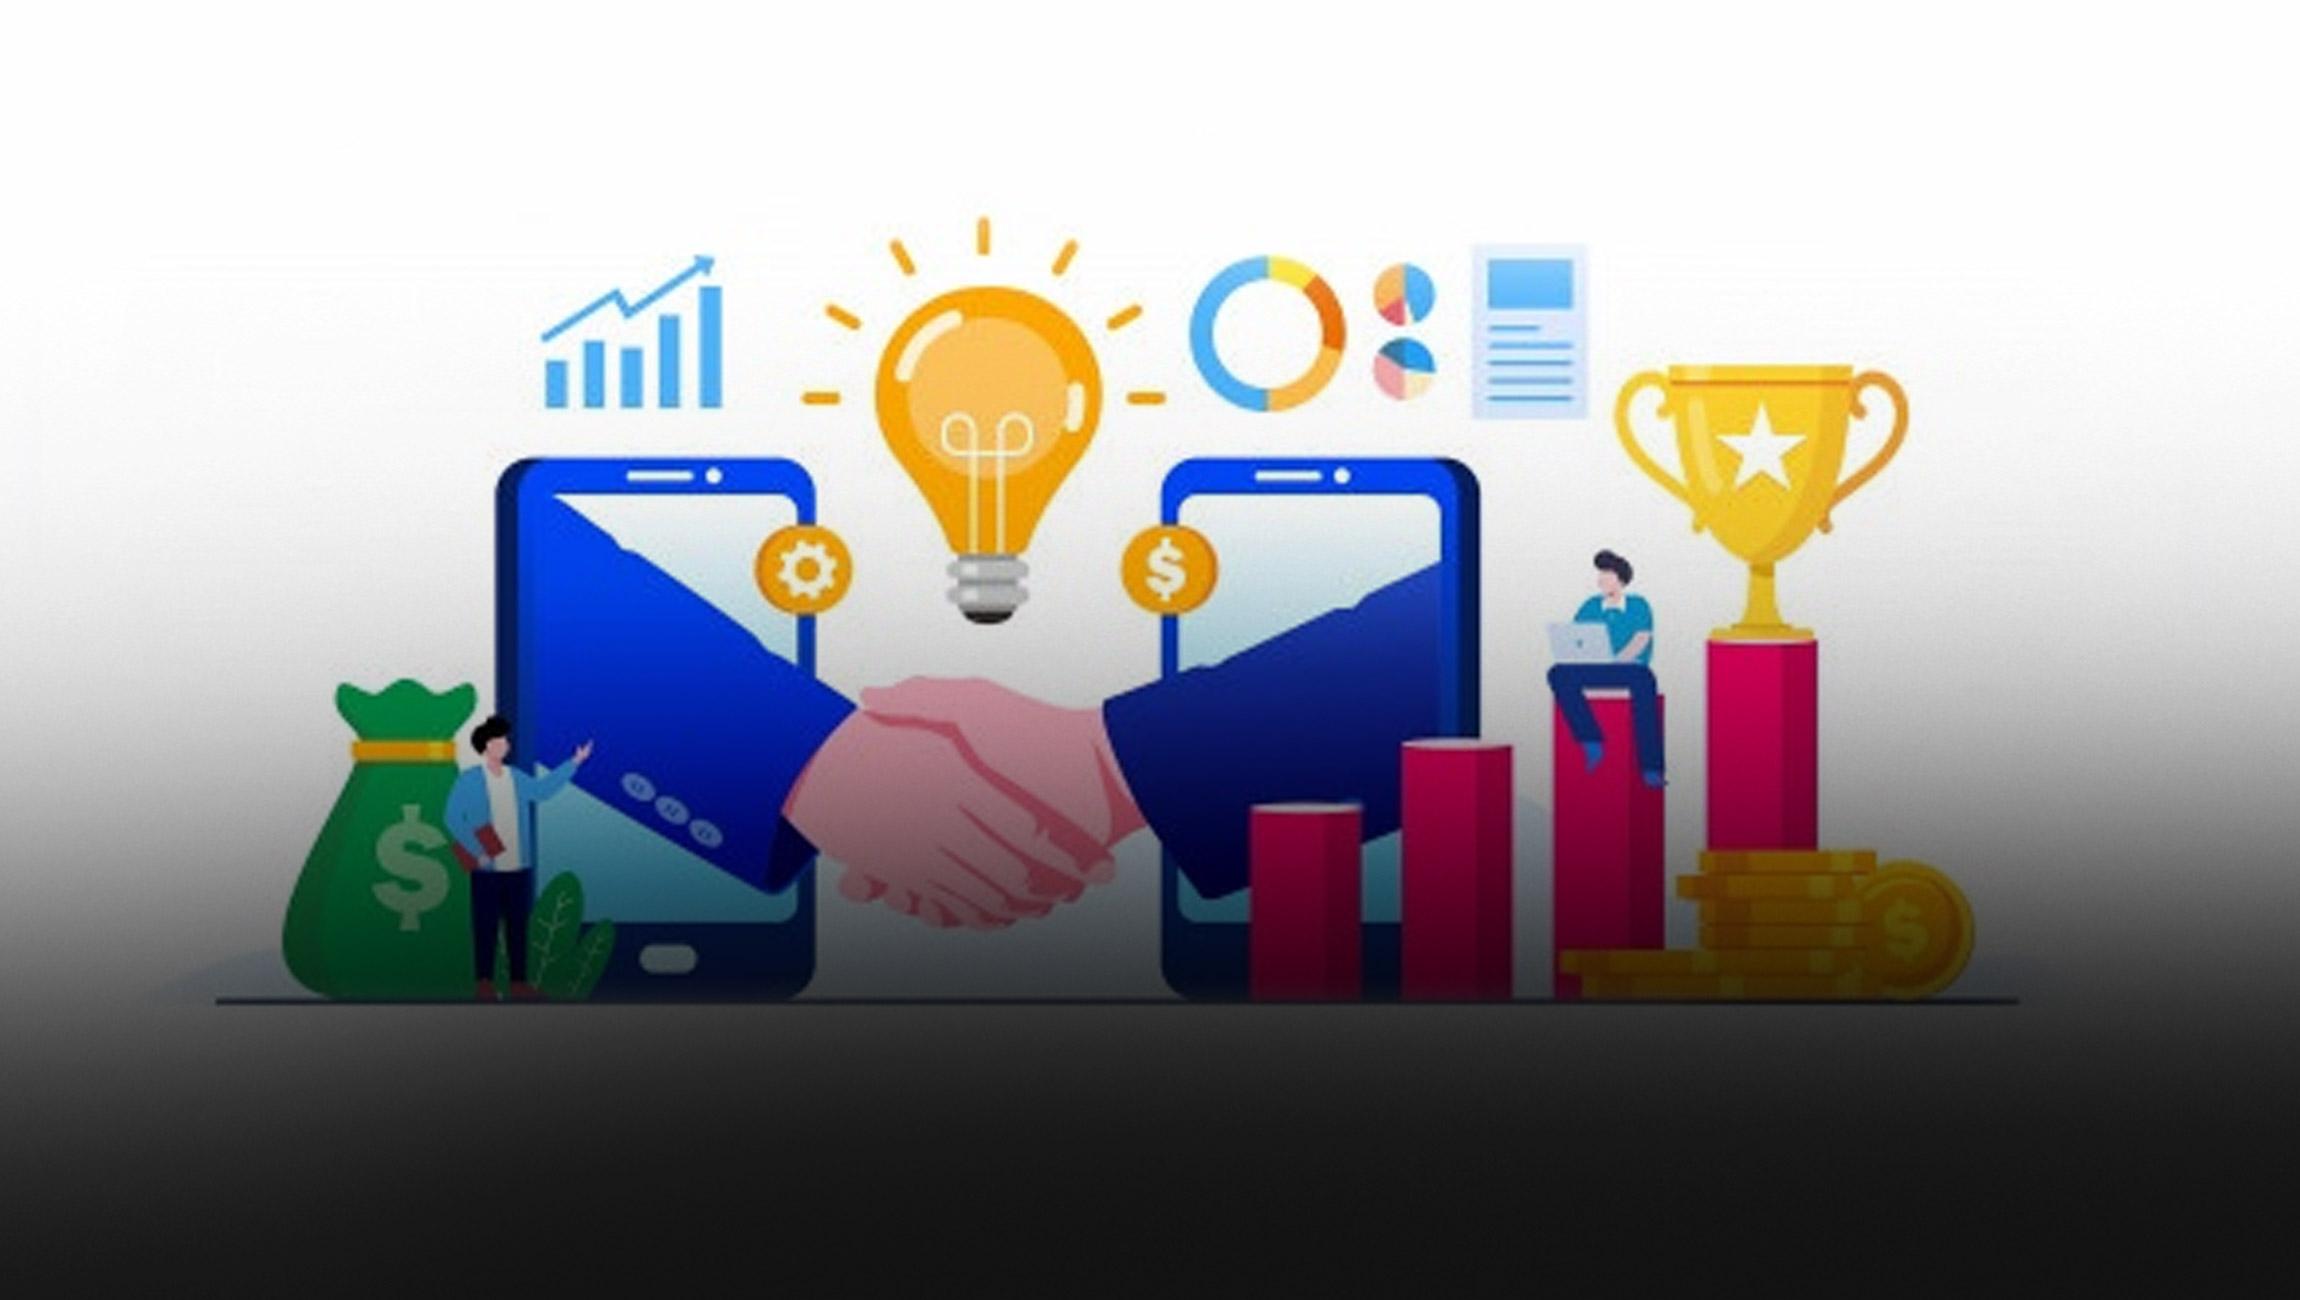 Top Global Partner Relationship Management Tools (PRM Tools)